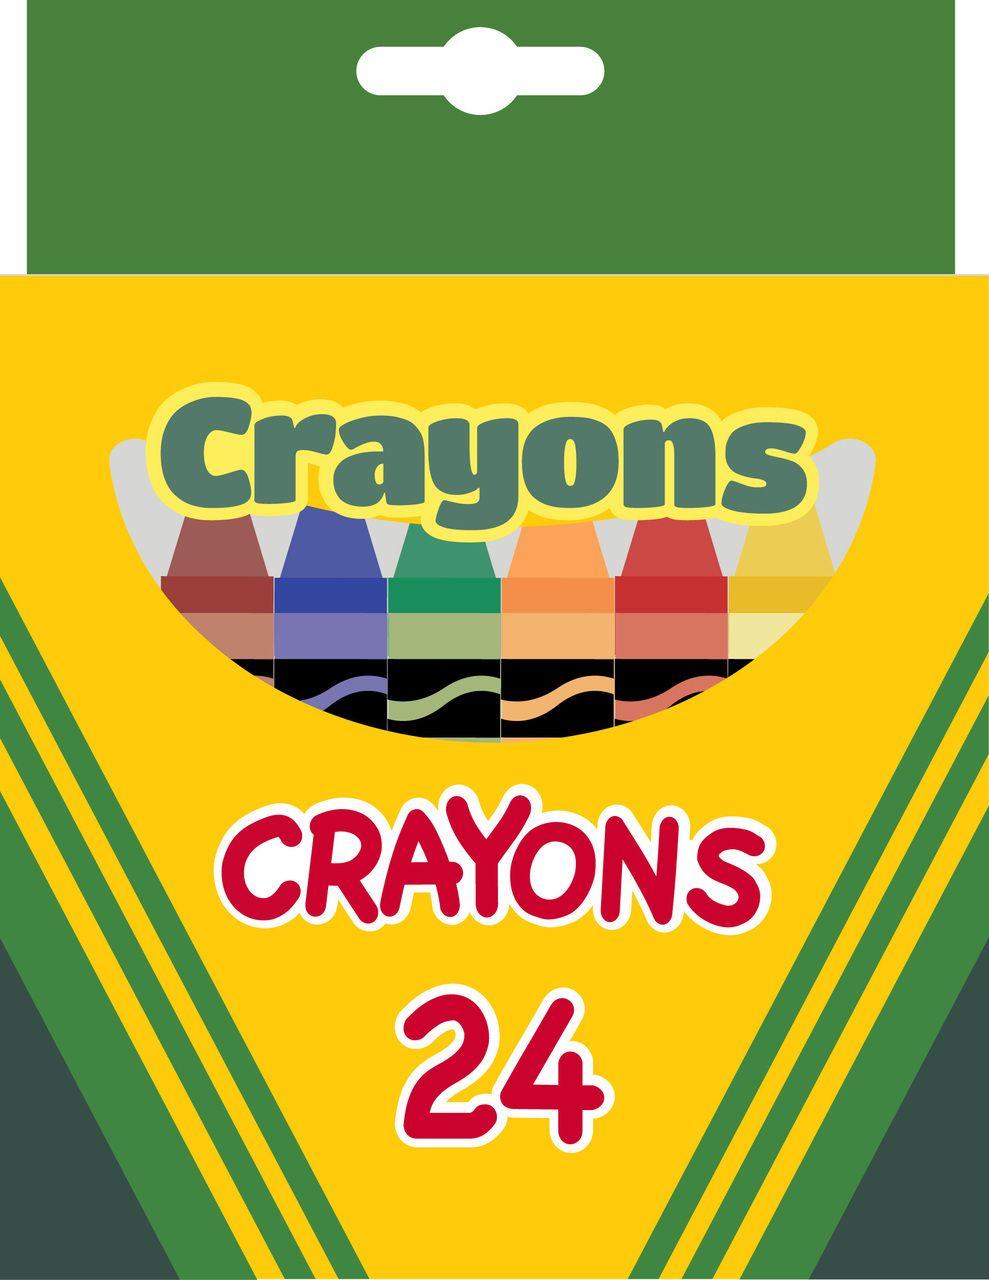 Crayong Box Clipart